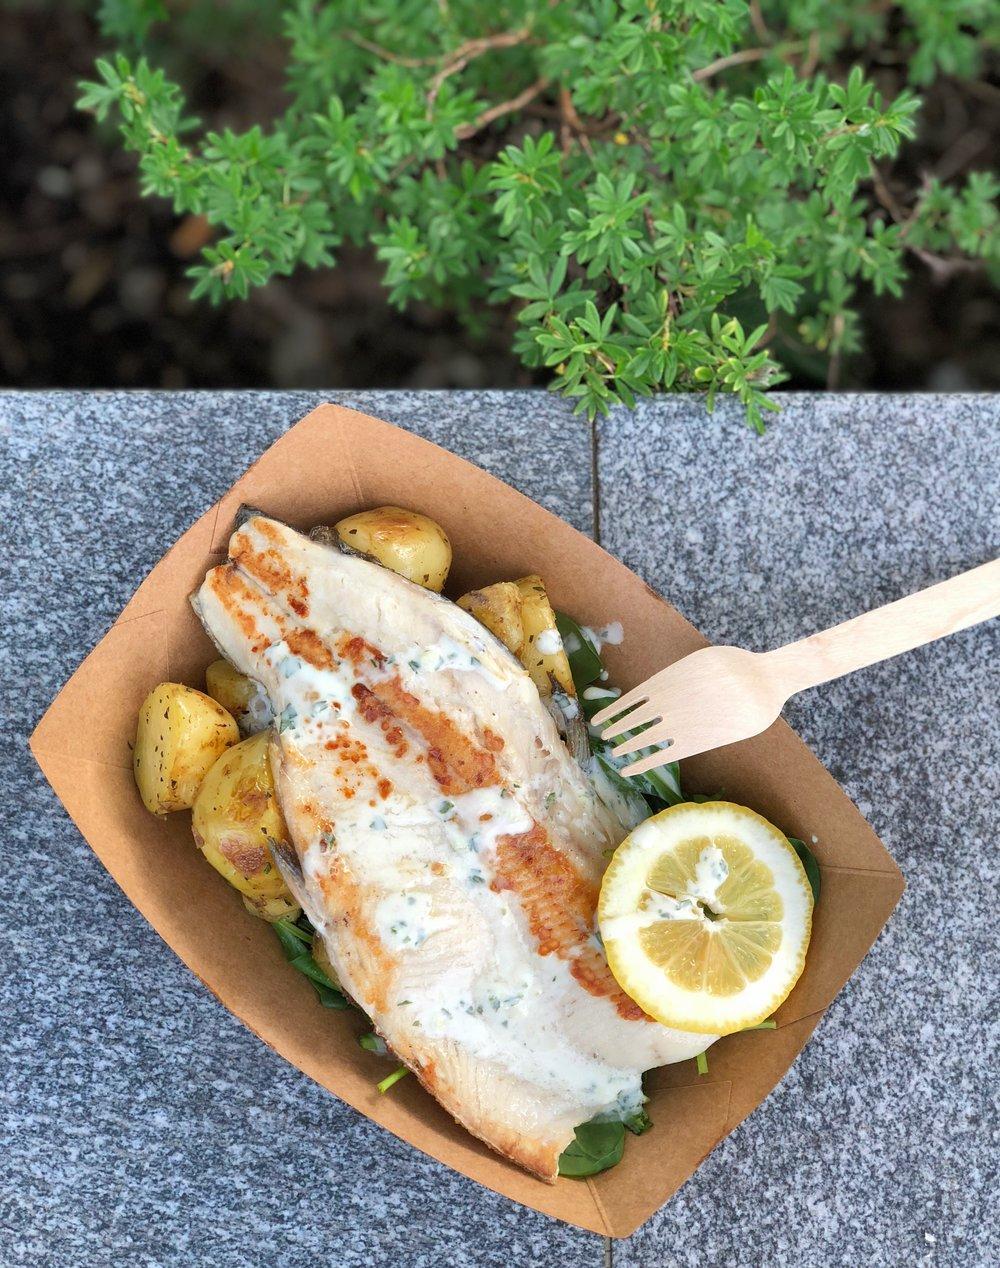 File postrvi s krompirjem, mlado špinačo in peteršiljevo omako